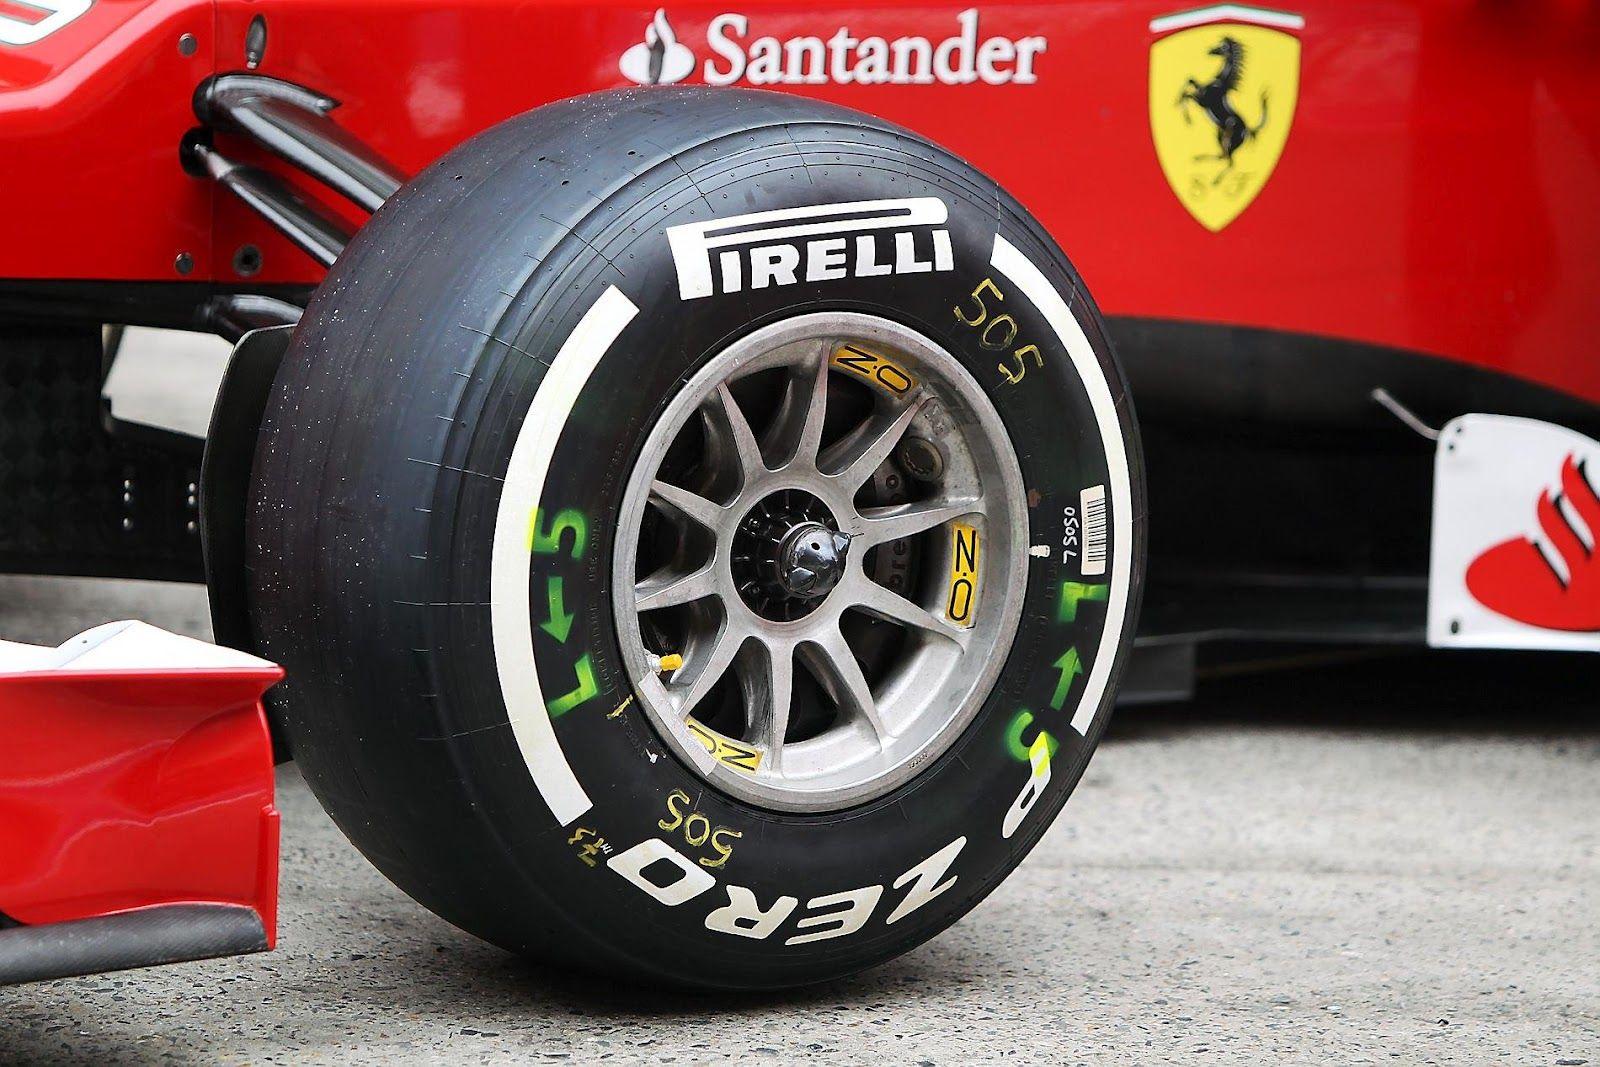 Pneus na Formula 1 - formula1epf.wordpress.com